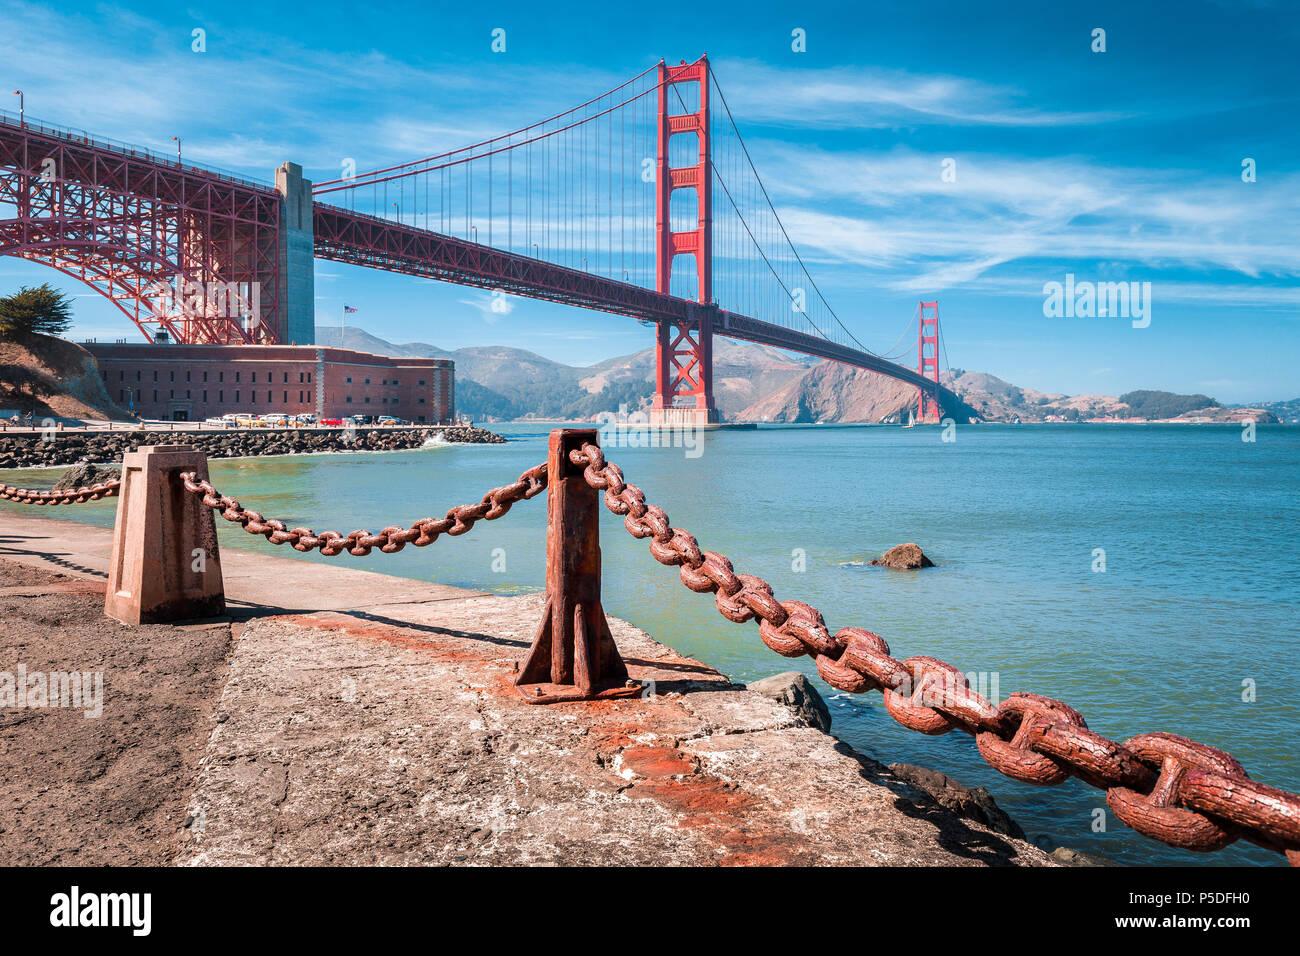 La vue classique du célèbre Golden Gate Bridge avec Fort Point National Historic Site sur une belle journée ensoleillée avec ciel bleu et nuages, San Francisco, États-Unis Photo Stock